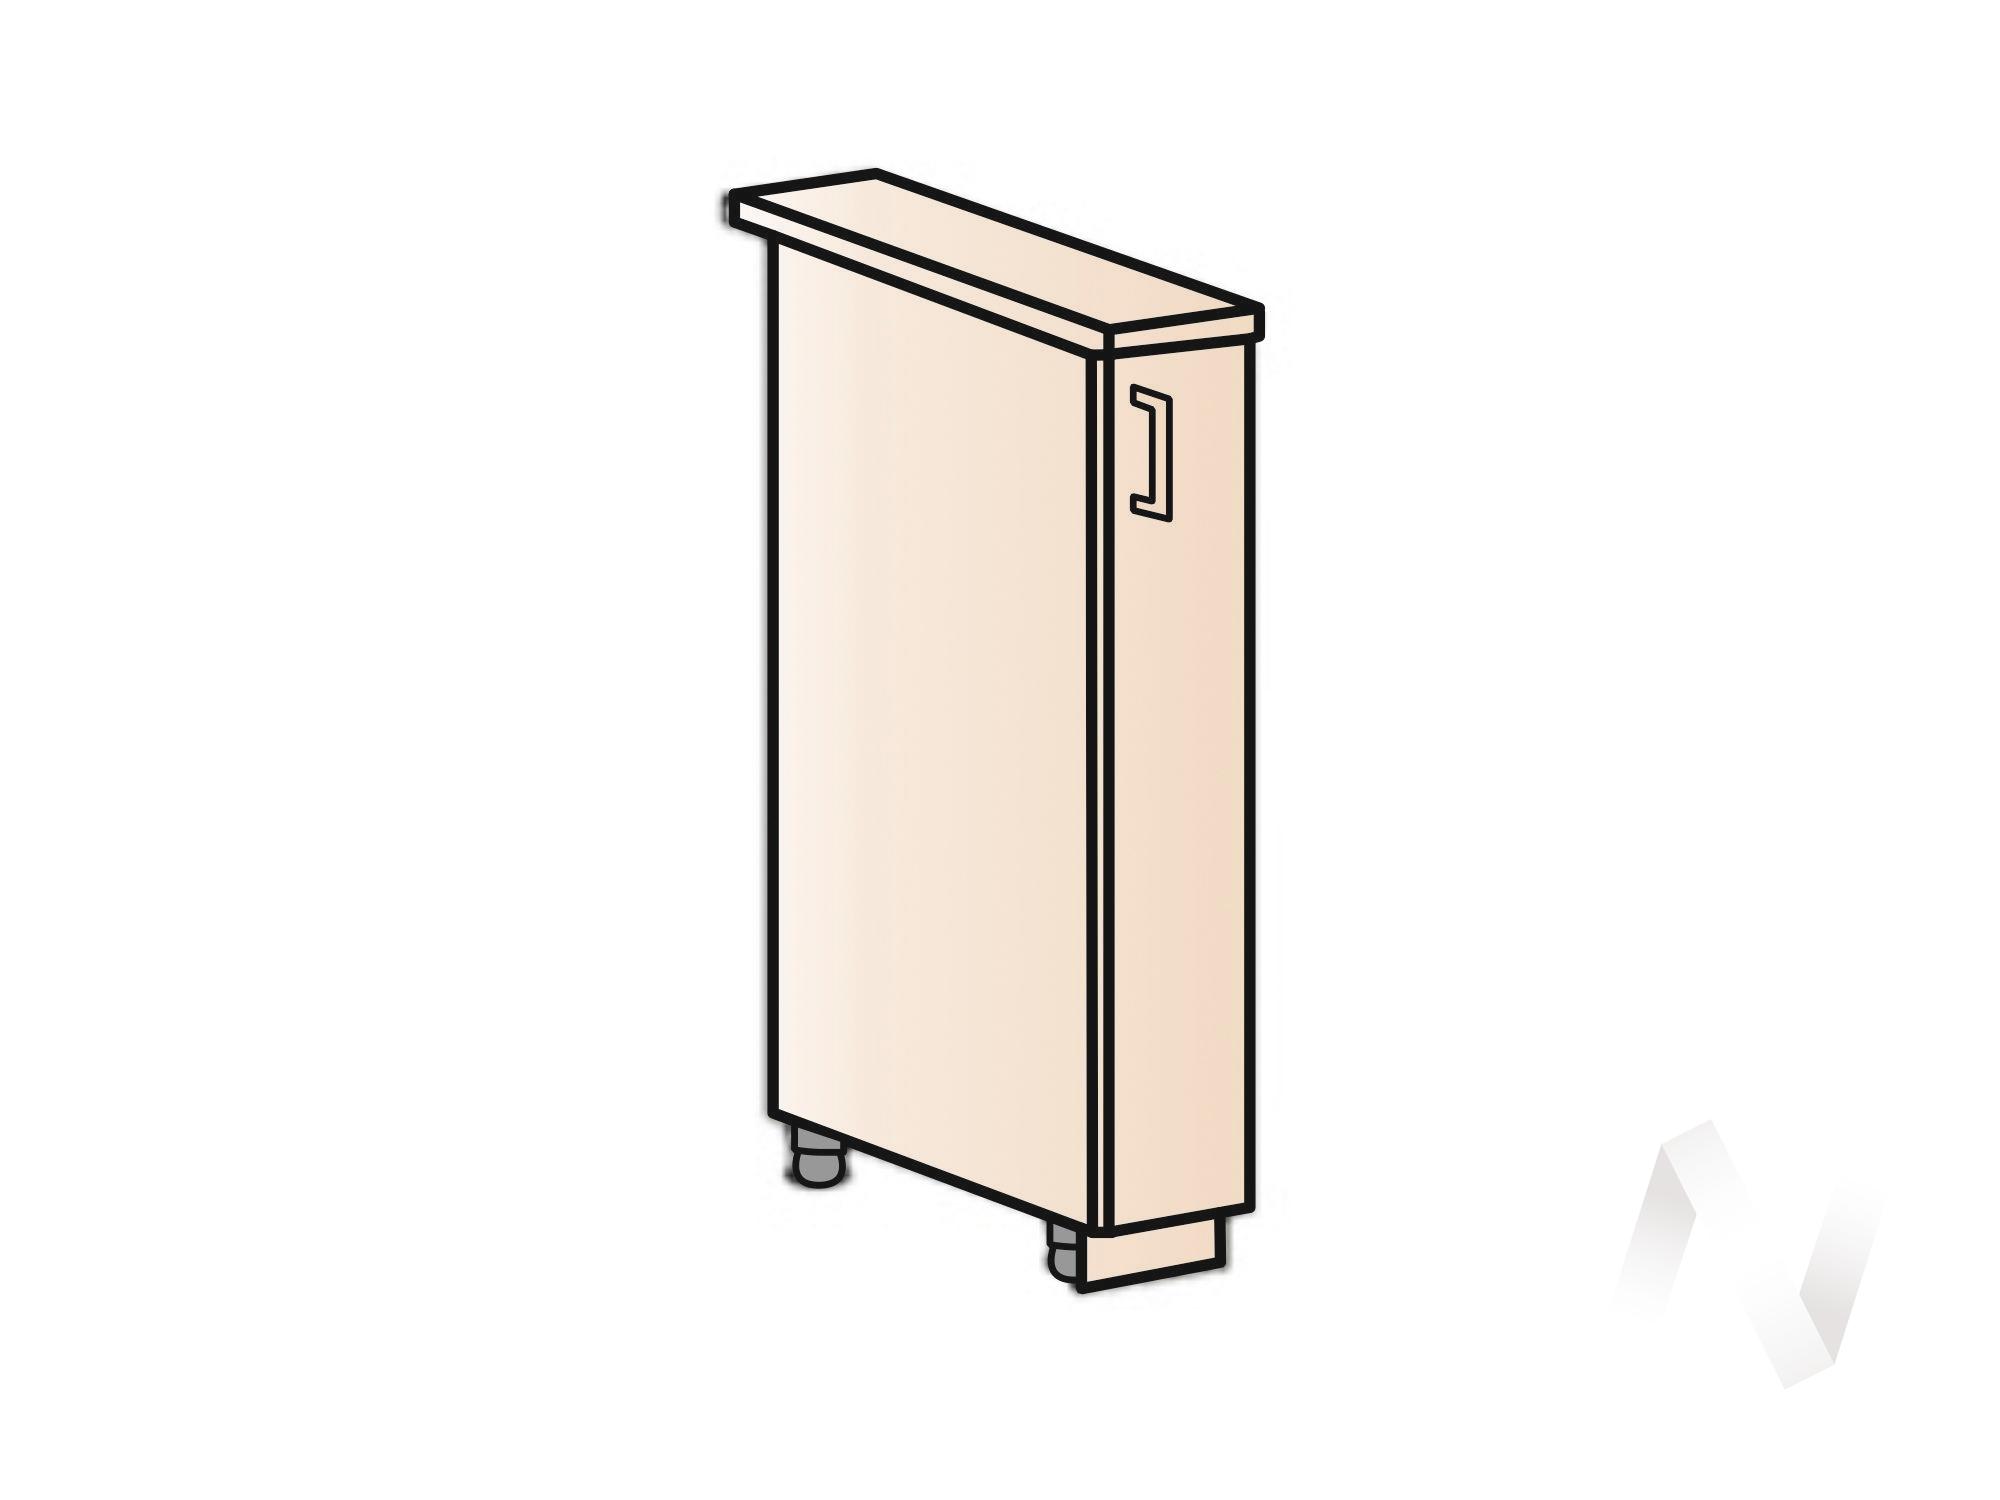 """Кухня """"Норден"""": Шкаф нижний бутылочница 150, ШНБ 150 (эбен/корпус белый) в Томске — авторская мебель Экостиль"""